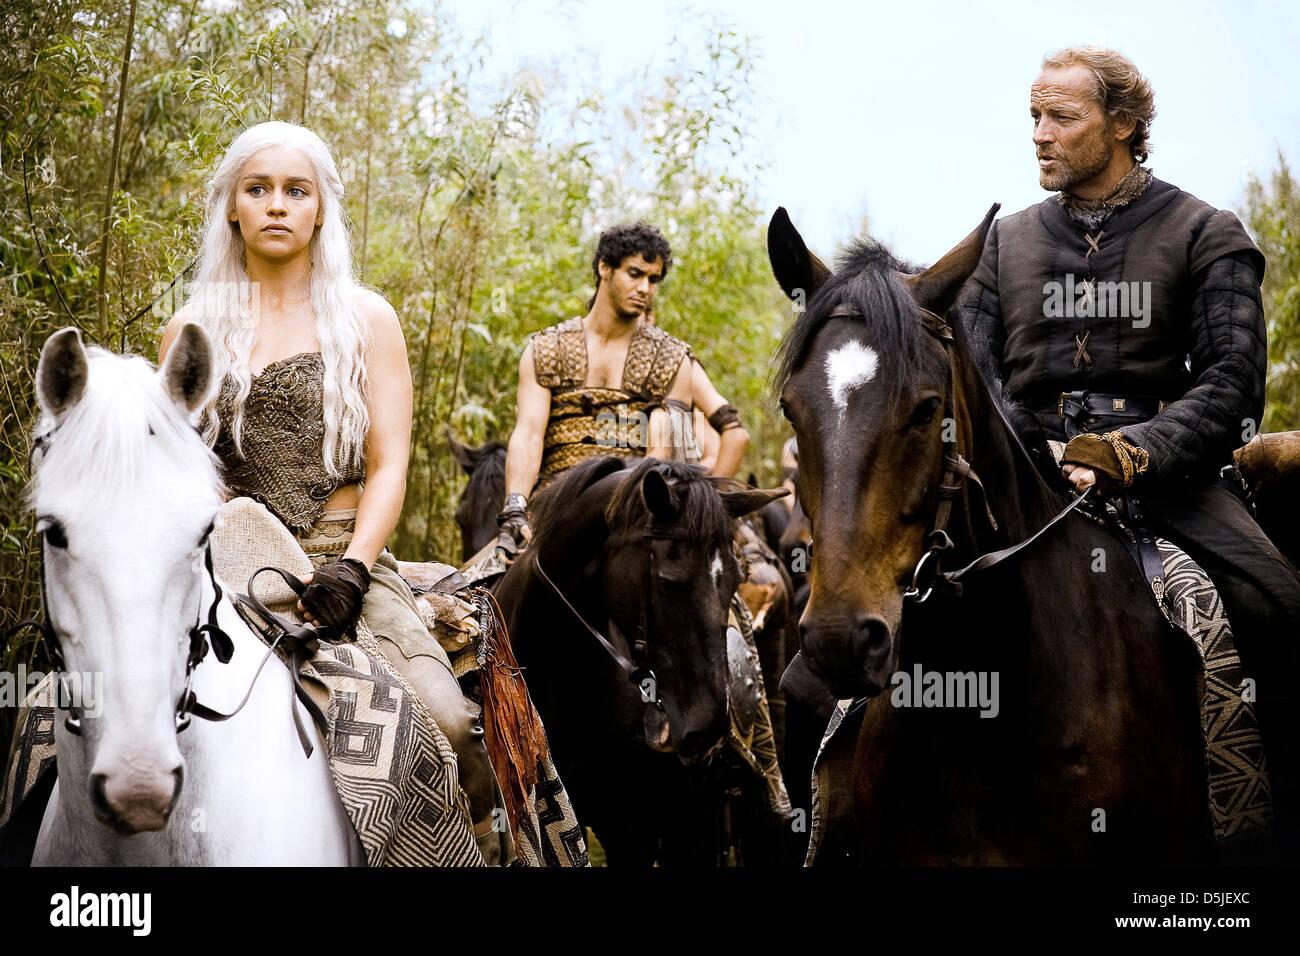 Emilia Clarke Elyes Gabel Iain Glen Game Of Thrones 2011